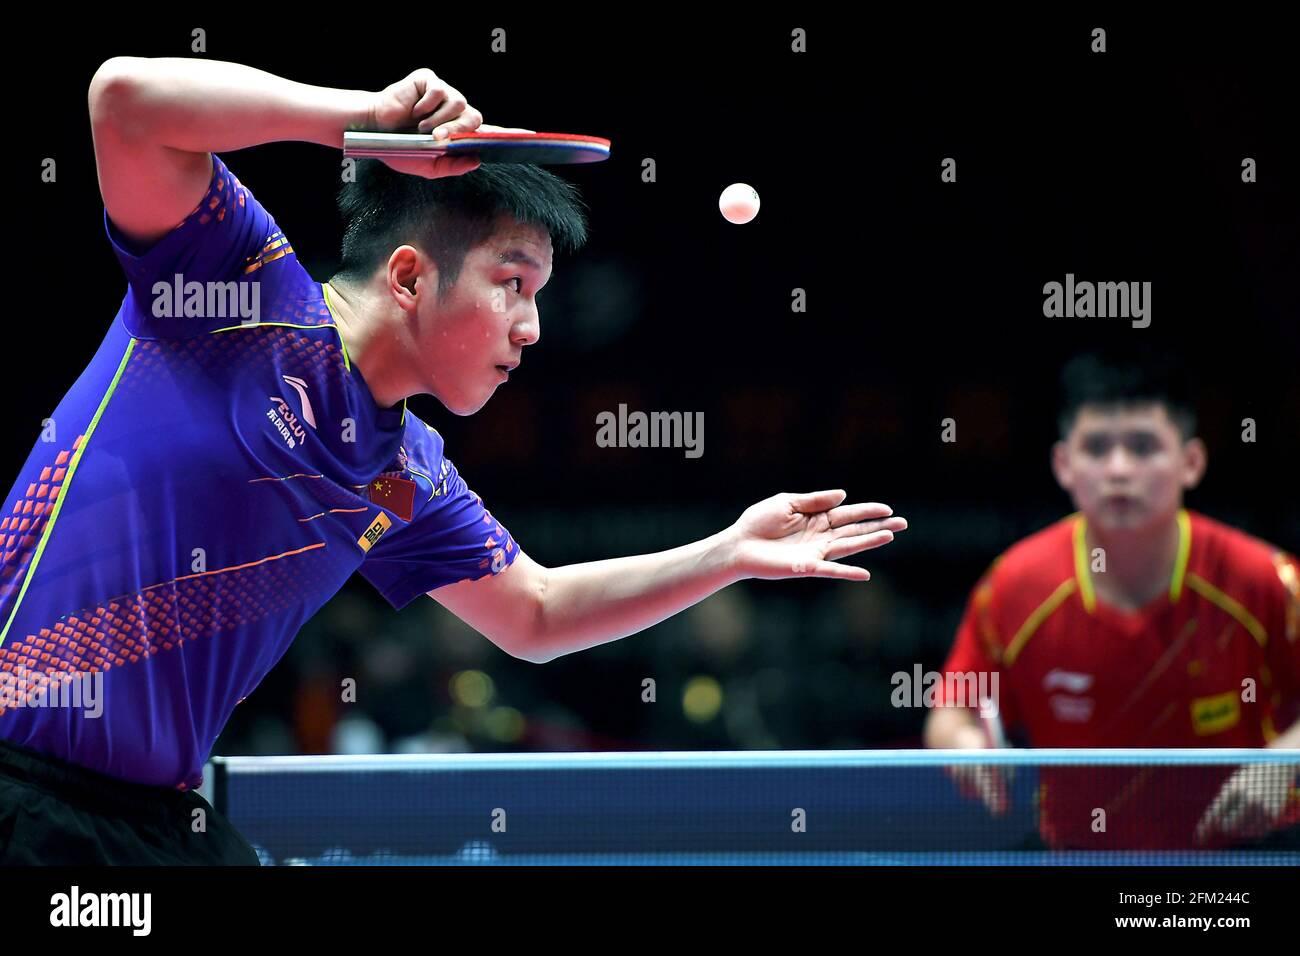 Xinxiang, province chinoise du Henan. 5 mai 2021. Fan Zhendong (L) sert le ballon pendant le quart de finale des hommes contre Lin Shidong lors des essais de Grand smashes de WTT (World Table tennis) 2021 et de la simulation olympique à Xinxiang, dans la province de Henan en Chine centrale, le 5 mai 2021. Credit: Li an/Xinhua/Alay Live News Banque D'Images